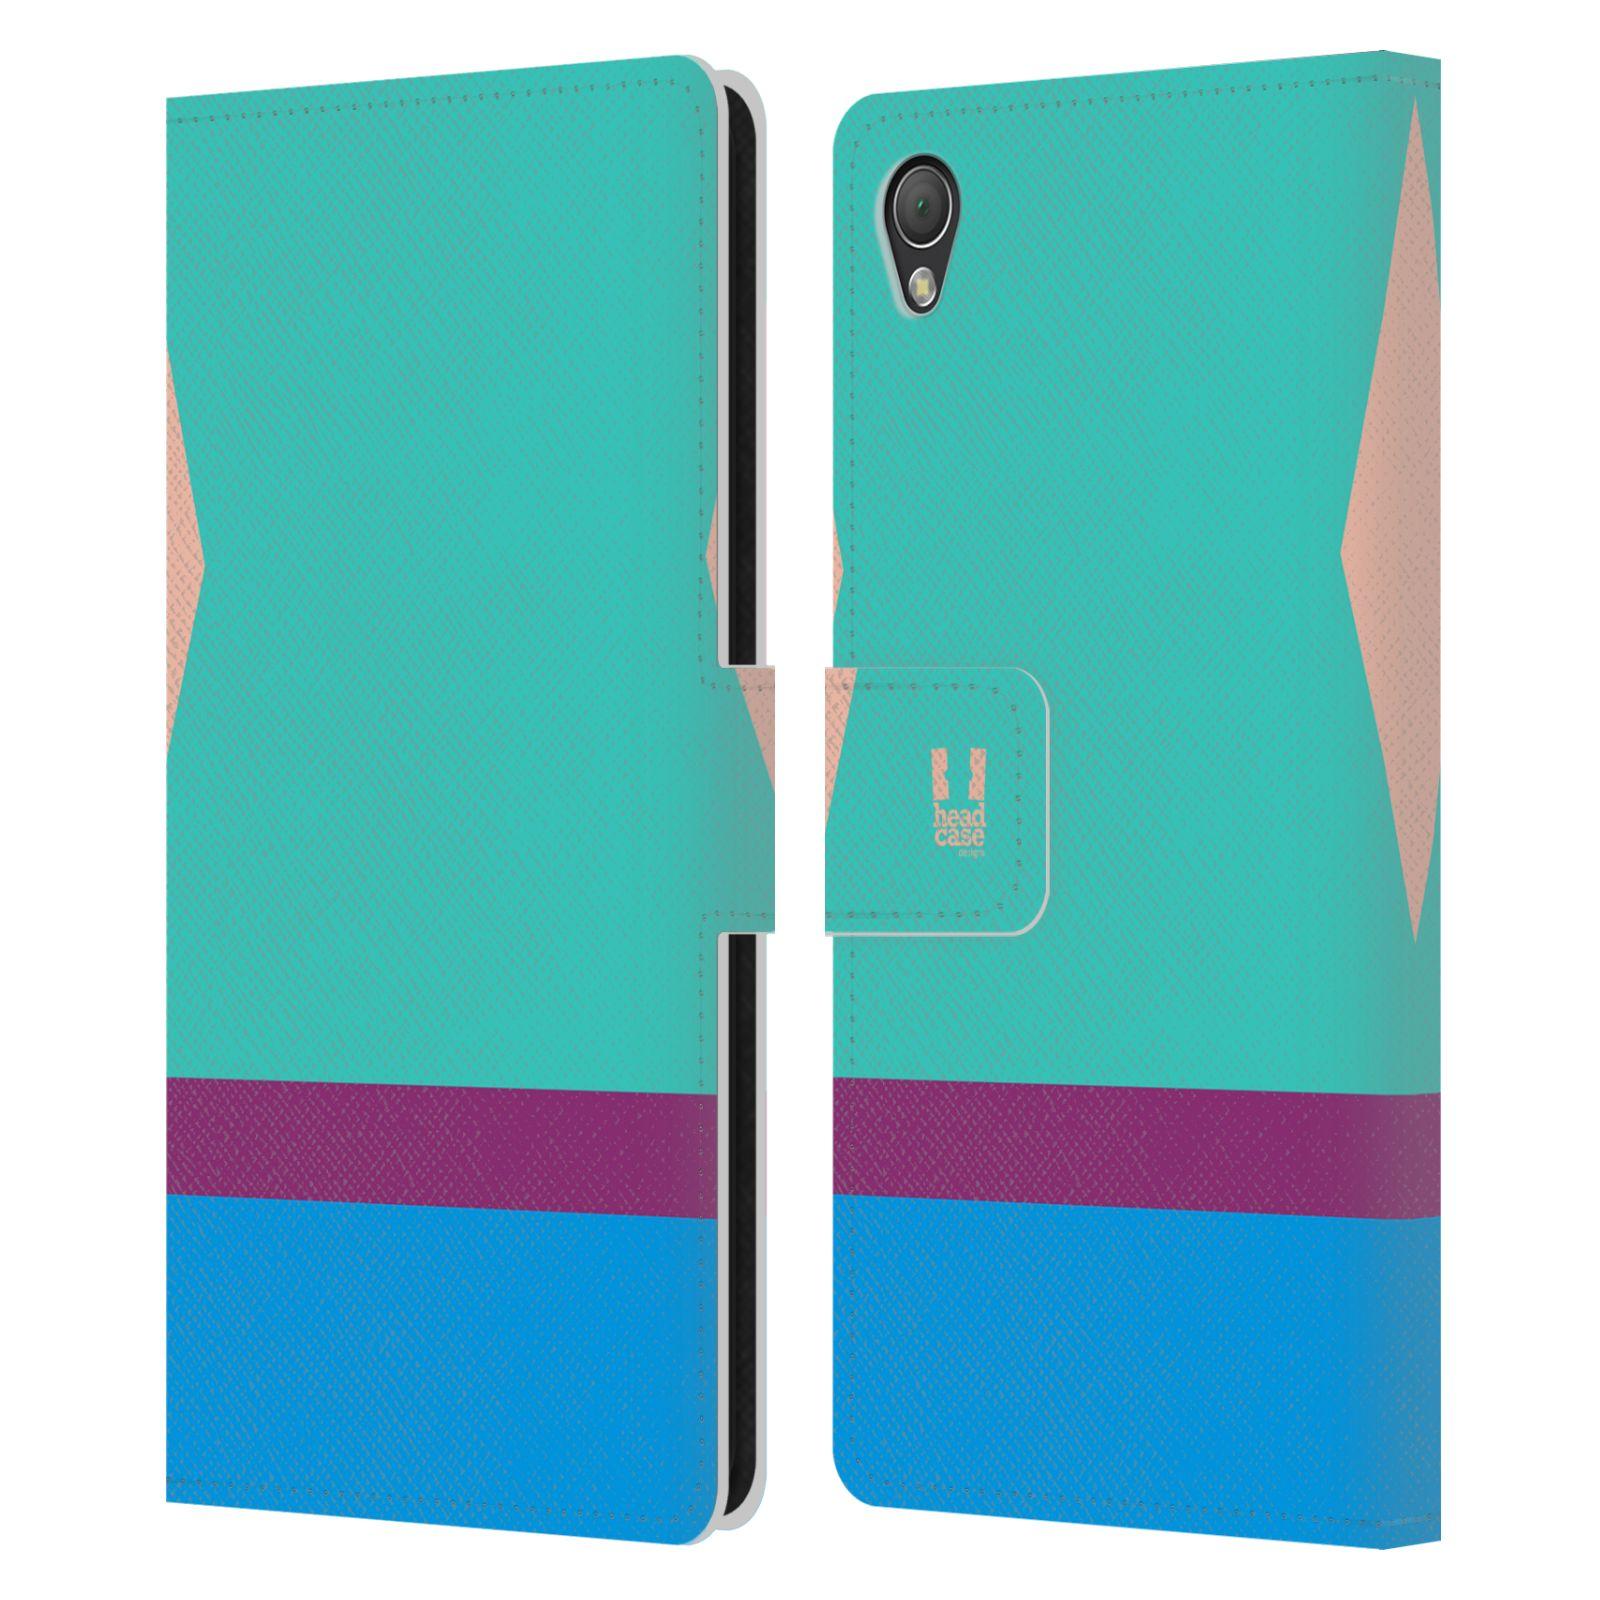 HEAD CASE Flipové pouzdro pro mobil SONY XPERIA Z3 barevné tvary modrá a fialový pruh